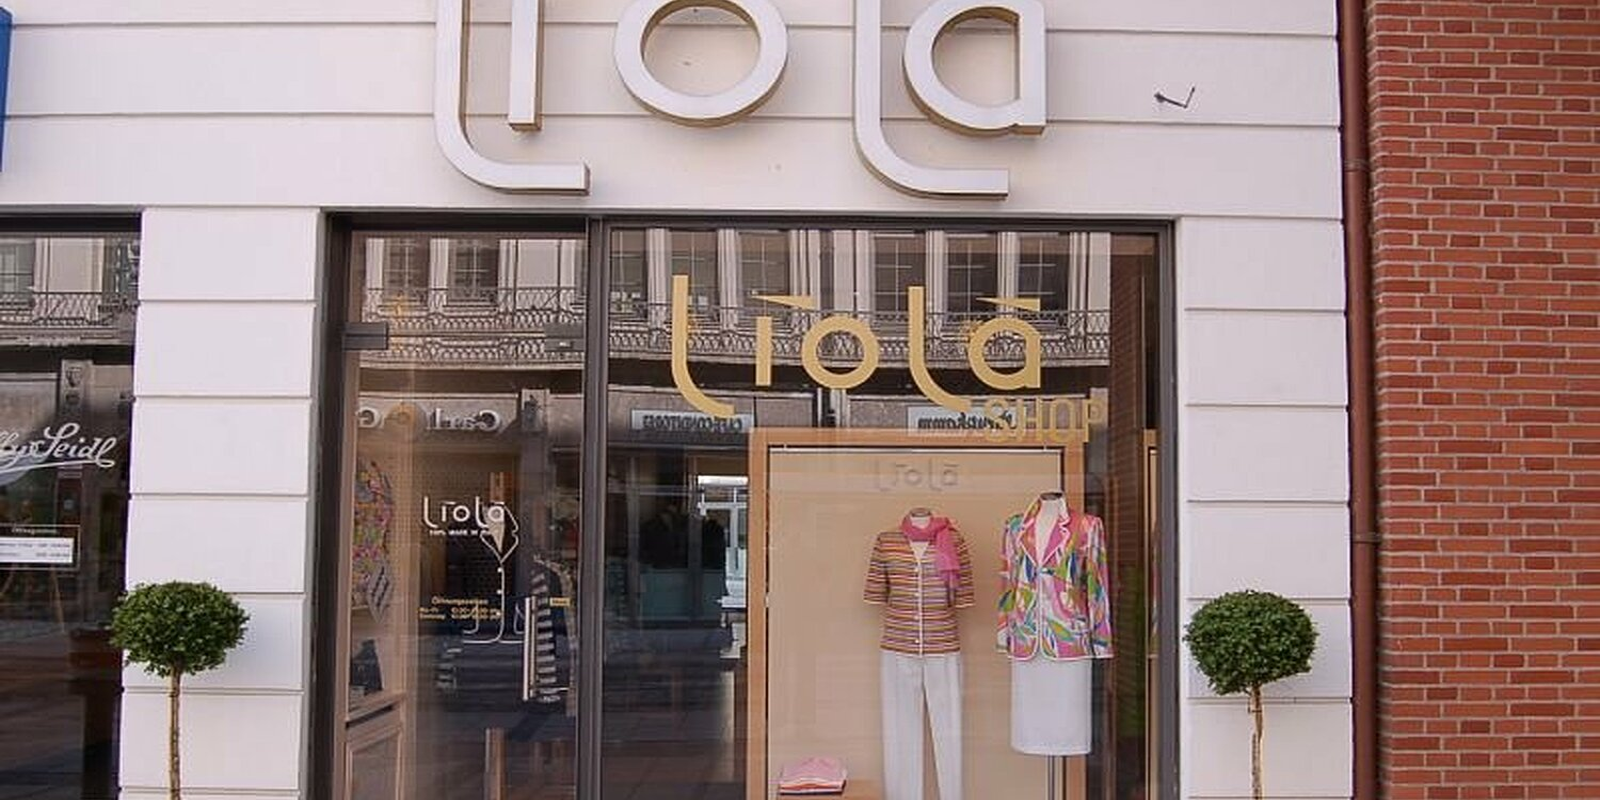 liol shop kamelhaarhaus maffeistr altstadt m nchen liola shop kamelhaarhaus willkommen. Black Bedroom Furniture Sets. Home Design Ideas